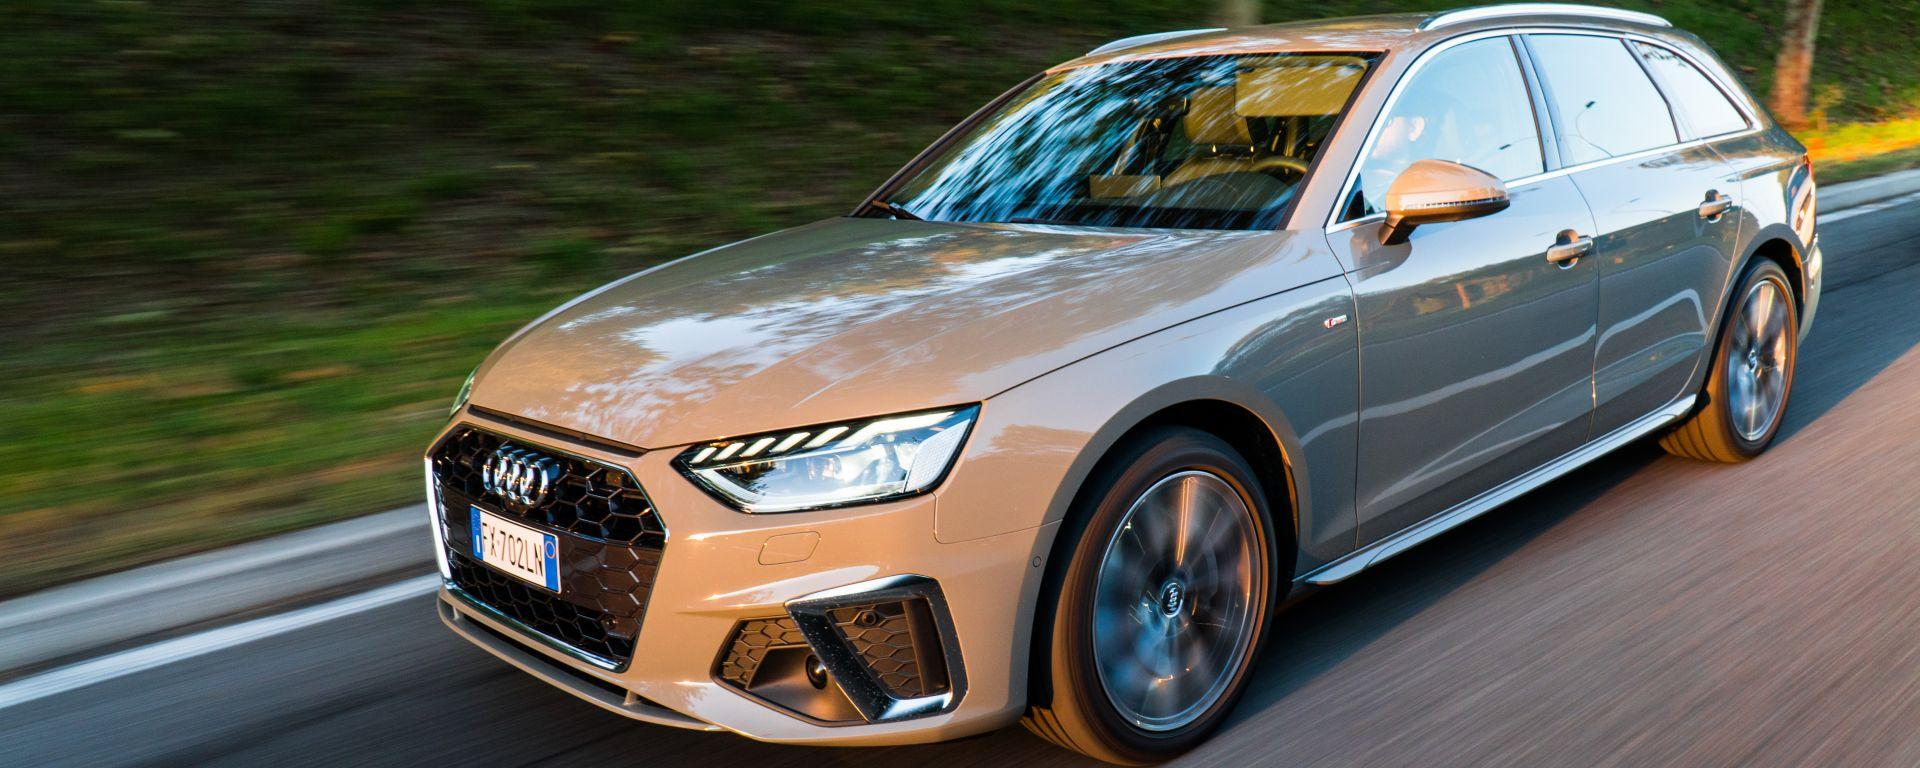 Audi A4 Avant 40 TDI quattro: la prova su strada